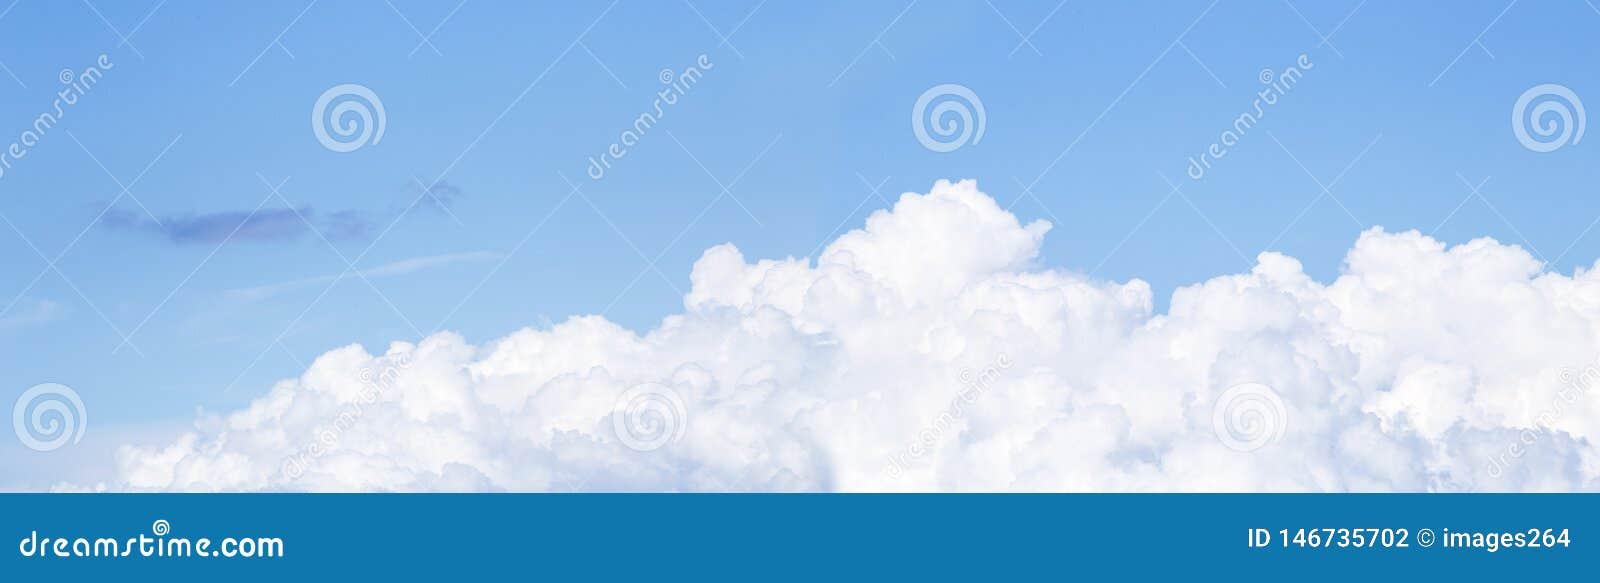 Wei?e Wolken